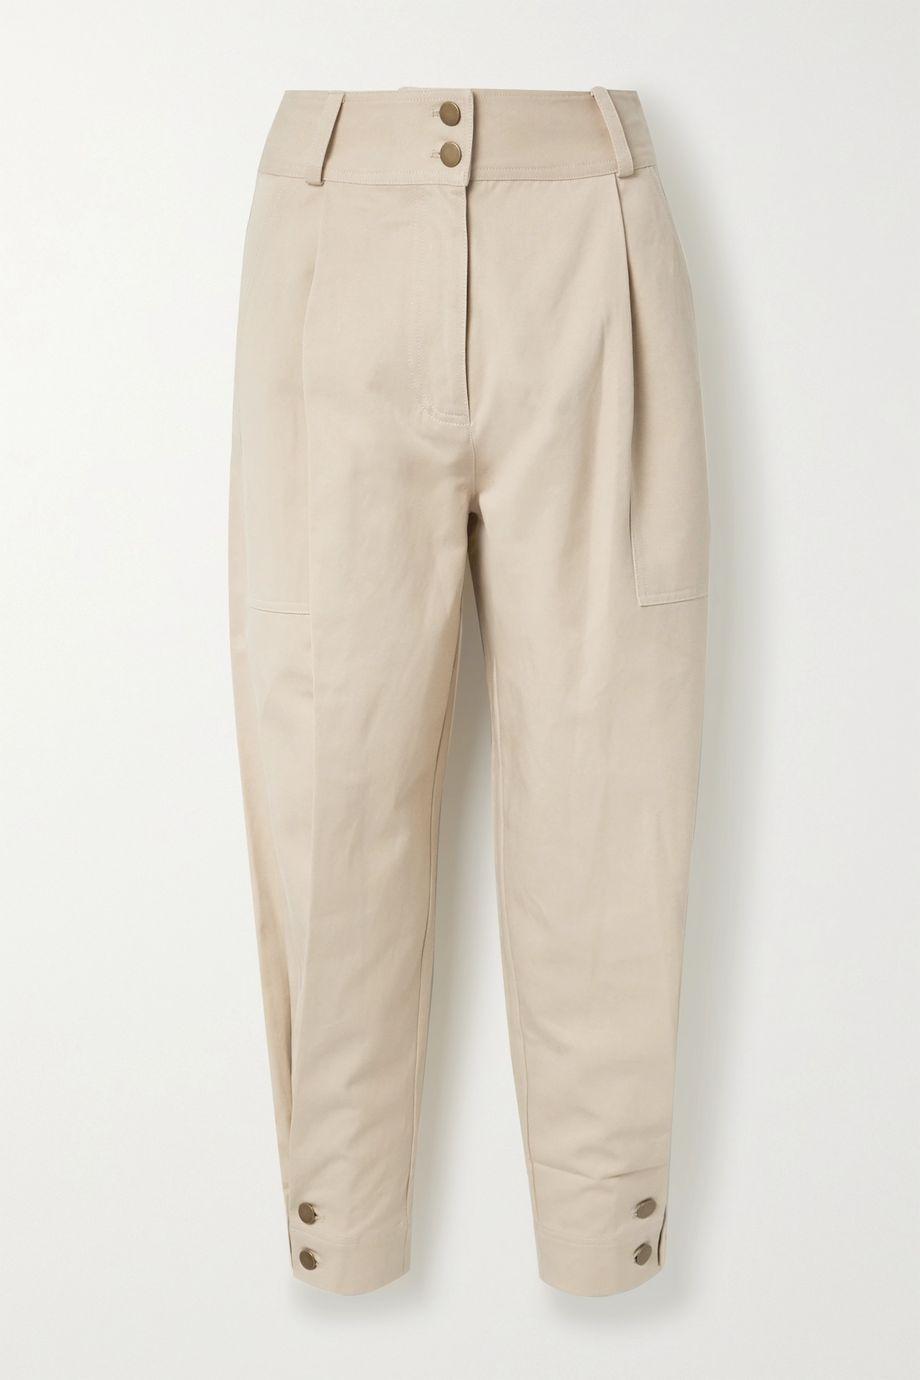 Ulla Johnson Fleet 天丝棉质混纺斜纹布锥形裤